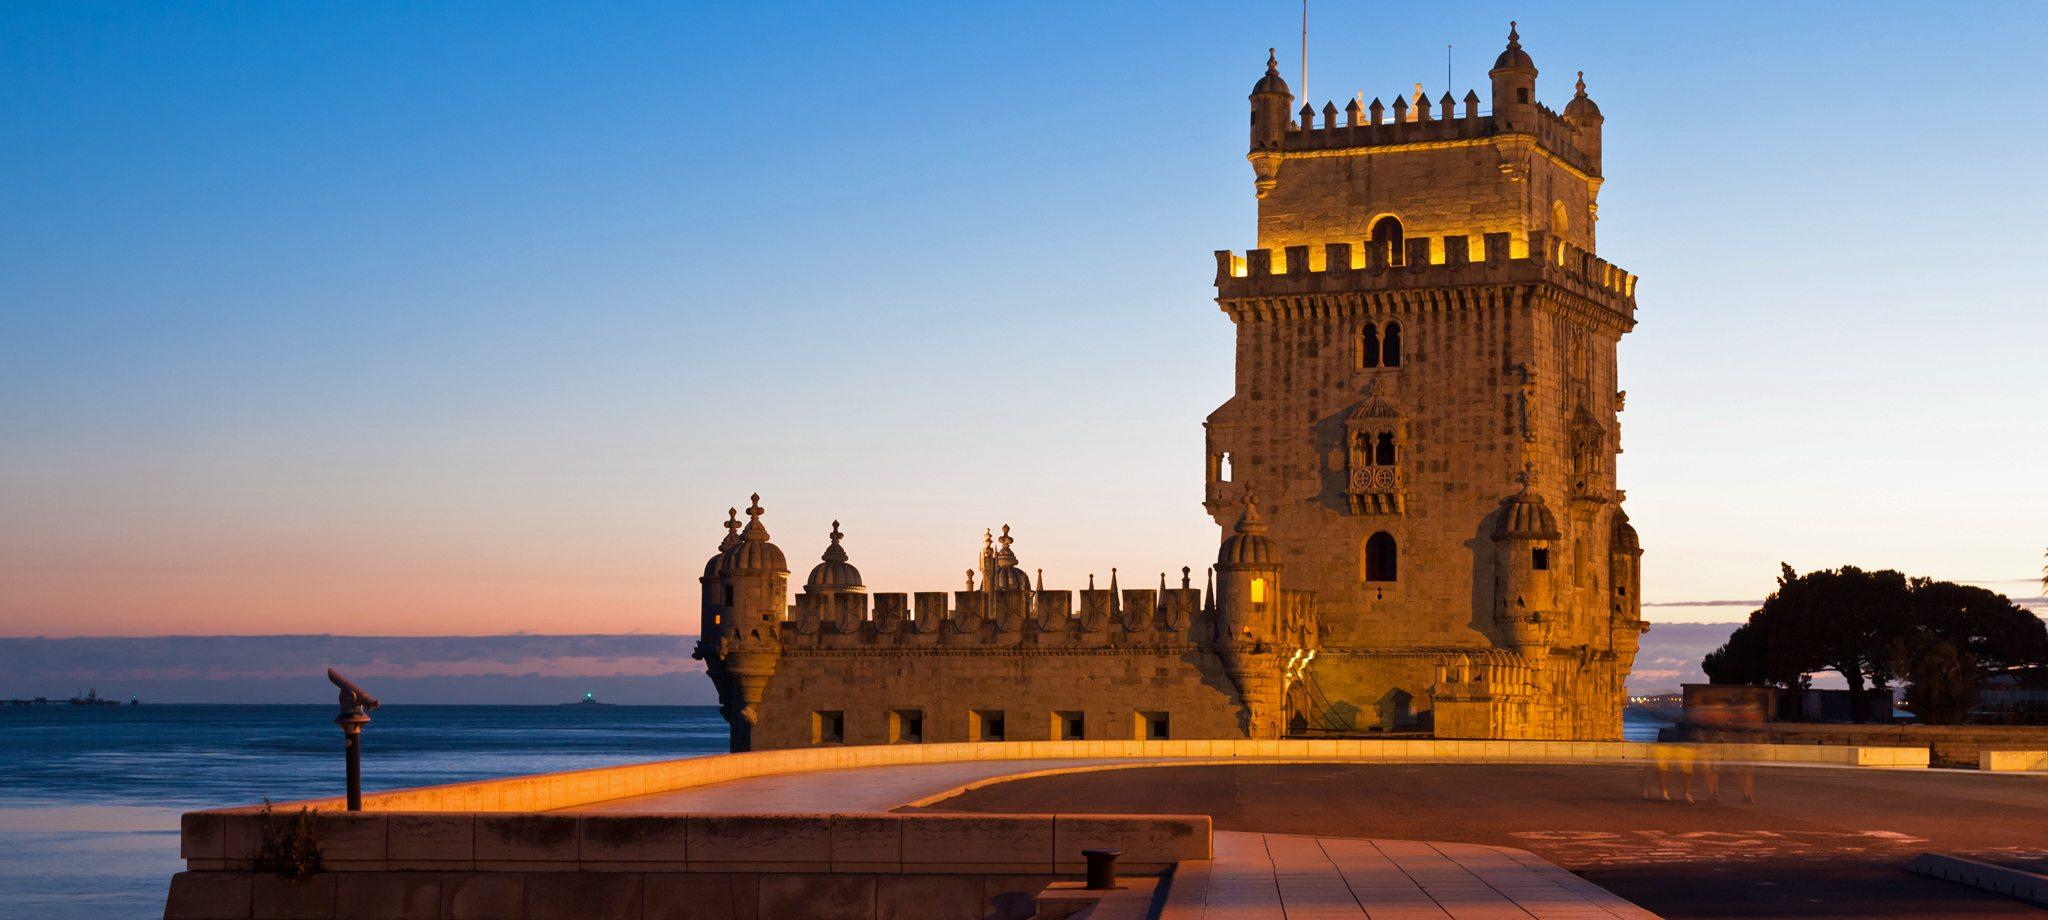 Portugal : hausse soutenue des prix de l'immobilier